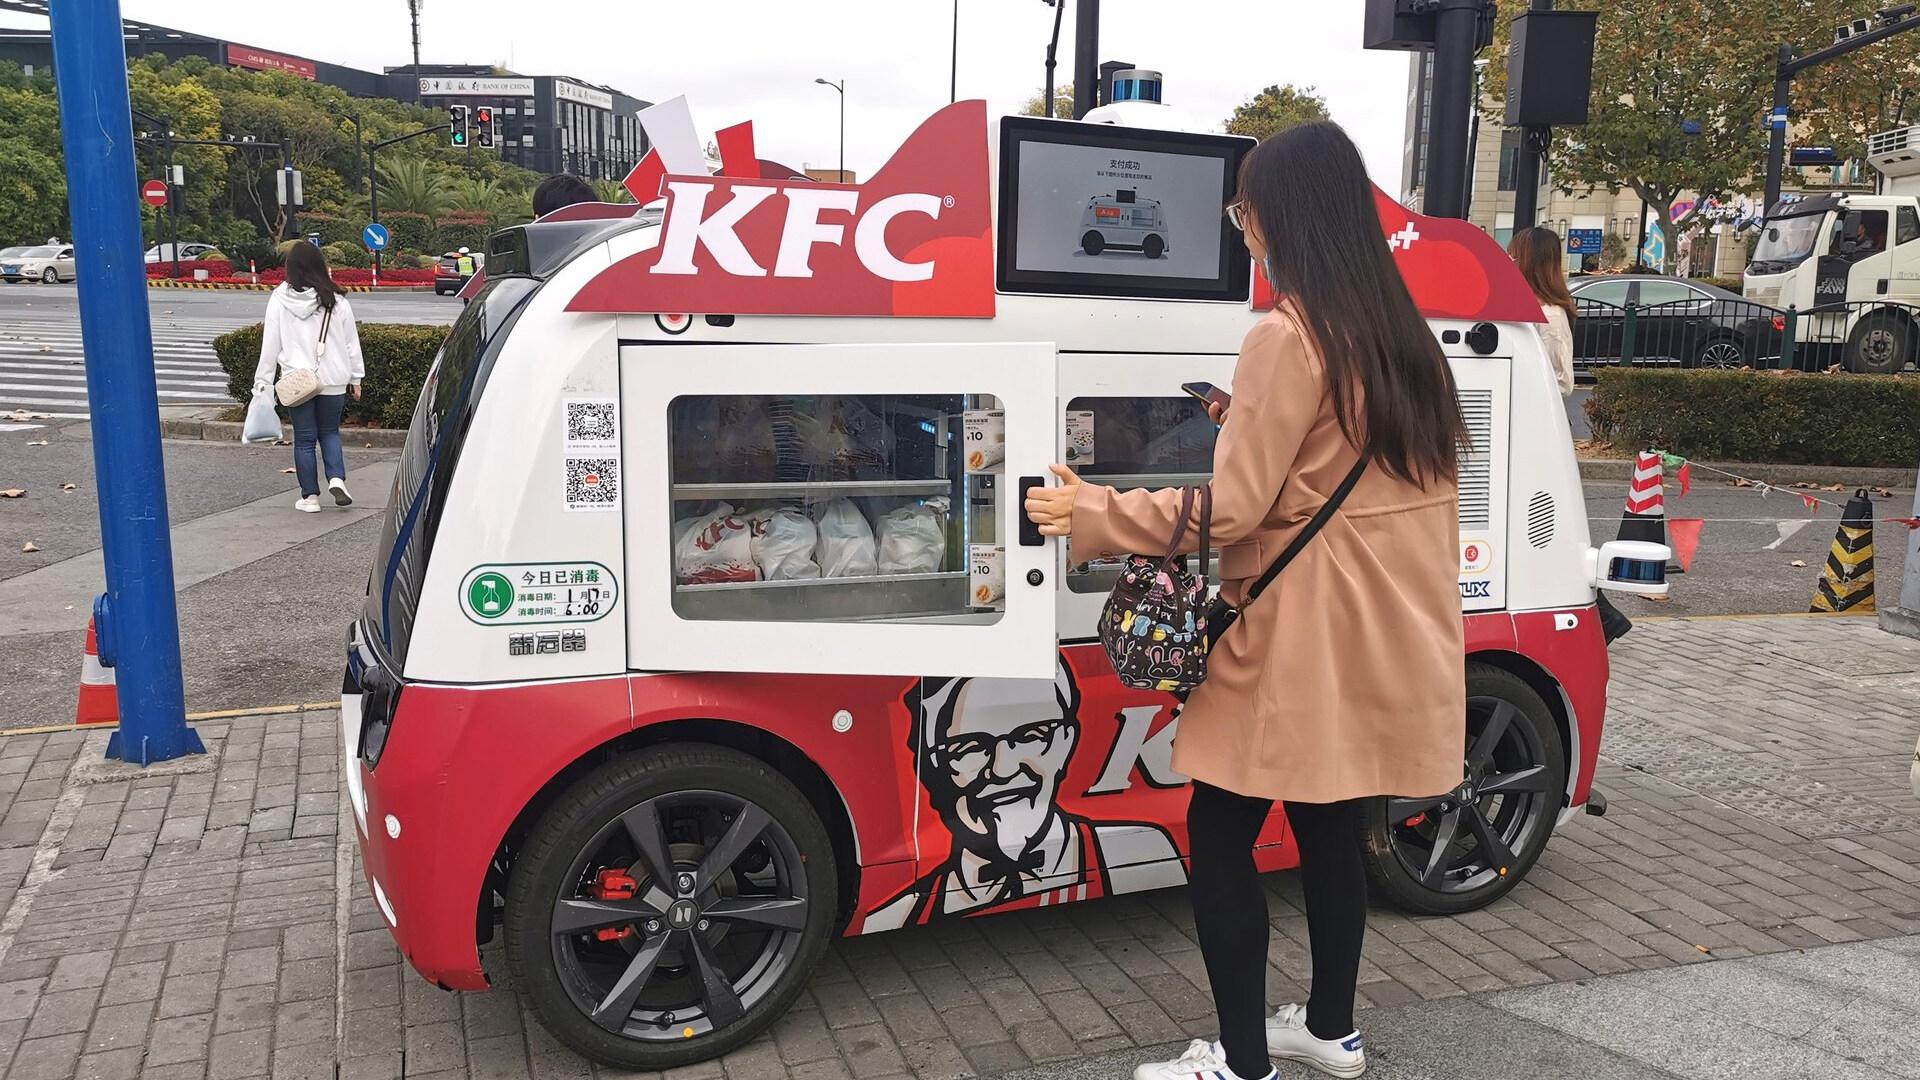 Фаст-фуд уходит в вендинг: автономные грузовички KFC в Китае вызывают зависть!?